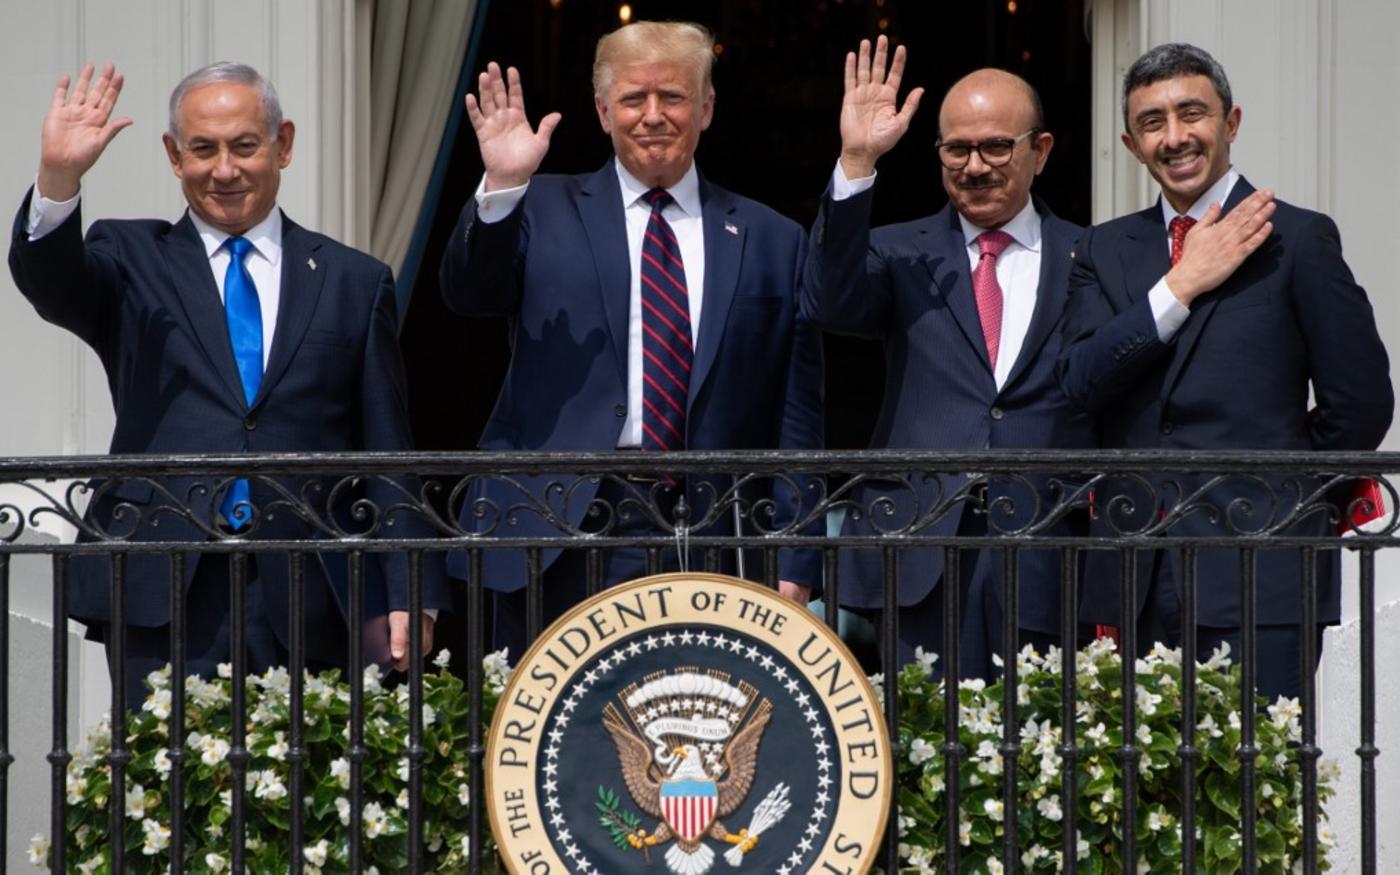 Le Premier ministre israélien Benyamin Netanyahou, l'ancien président américain Donald Trump et les ministres des Affaires étrangères bahreïni et émirati à la Maison-Blanche, le 15 septembre 2020 (AFP)